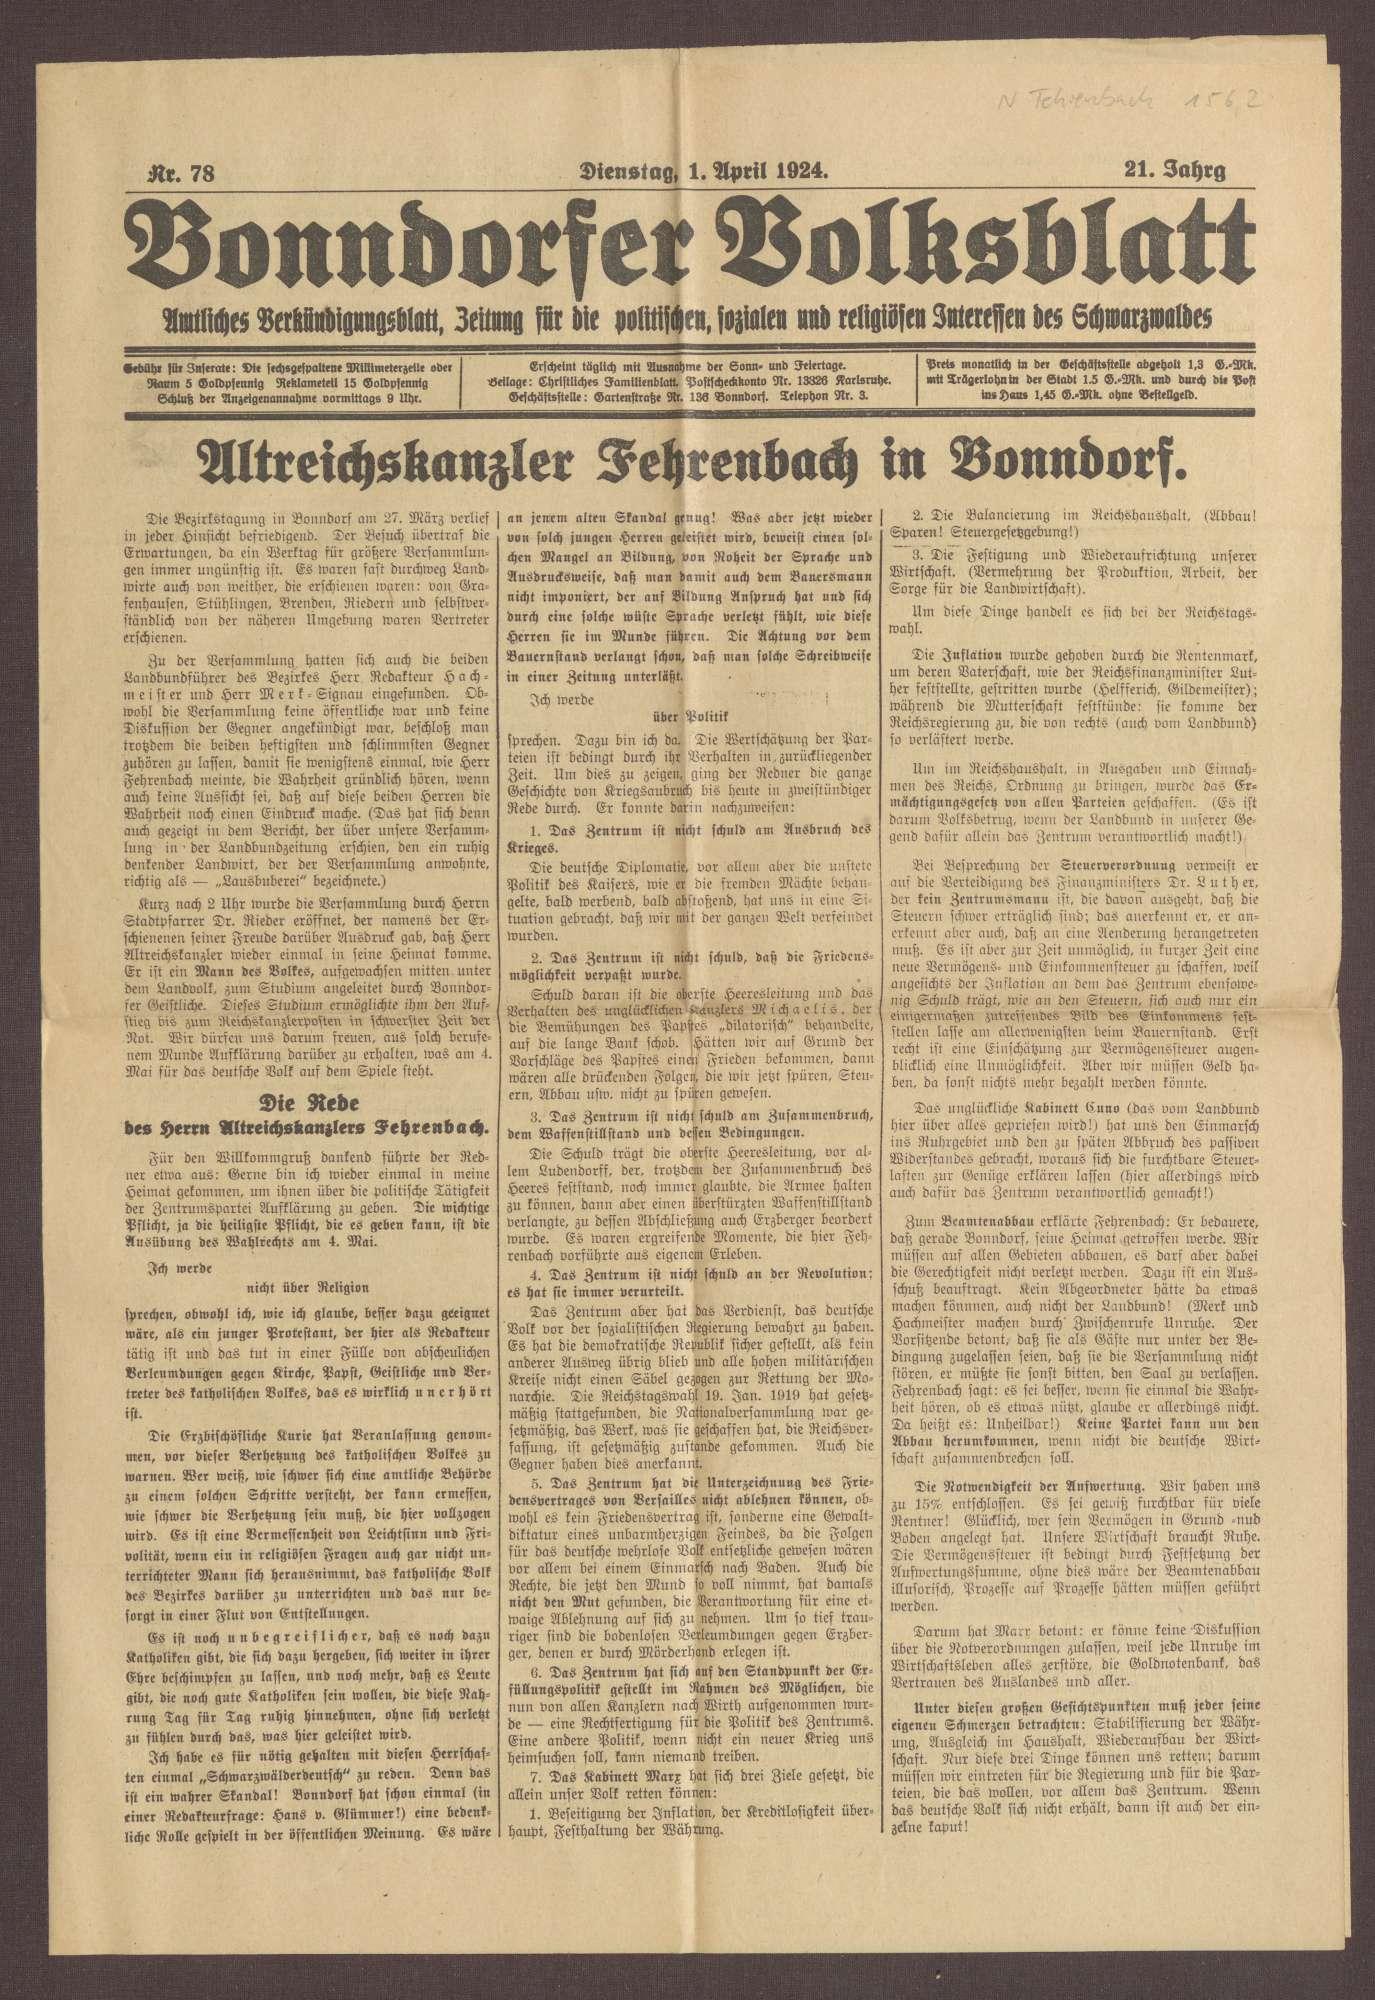 """Ausgabe von """"Bonndorfer Volksblatt"""", Bild 1"""